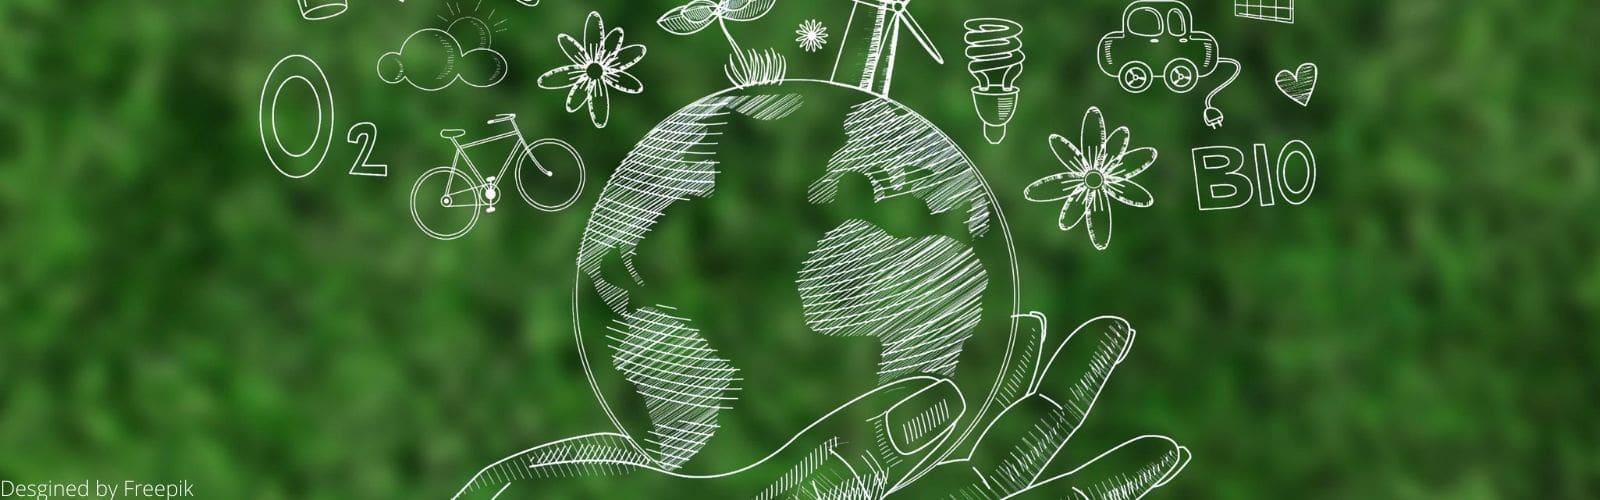 Environnement et écologie :  chaines et vidéos Youtube pour initier les enfants !